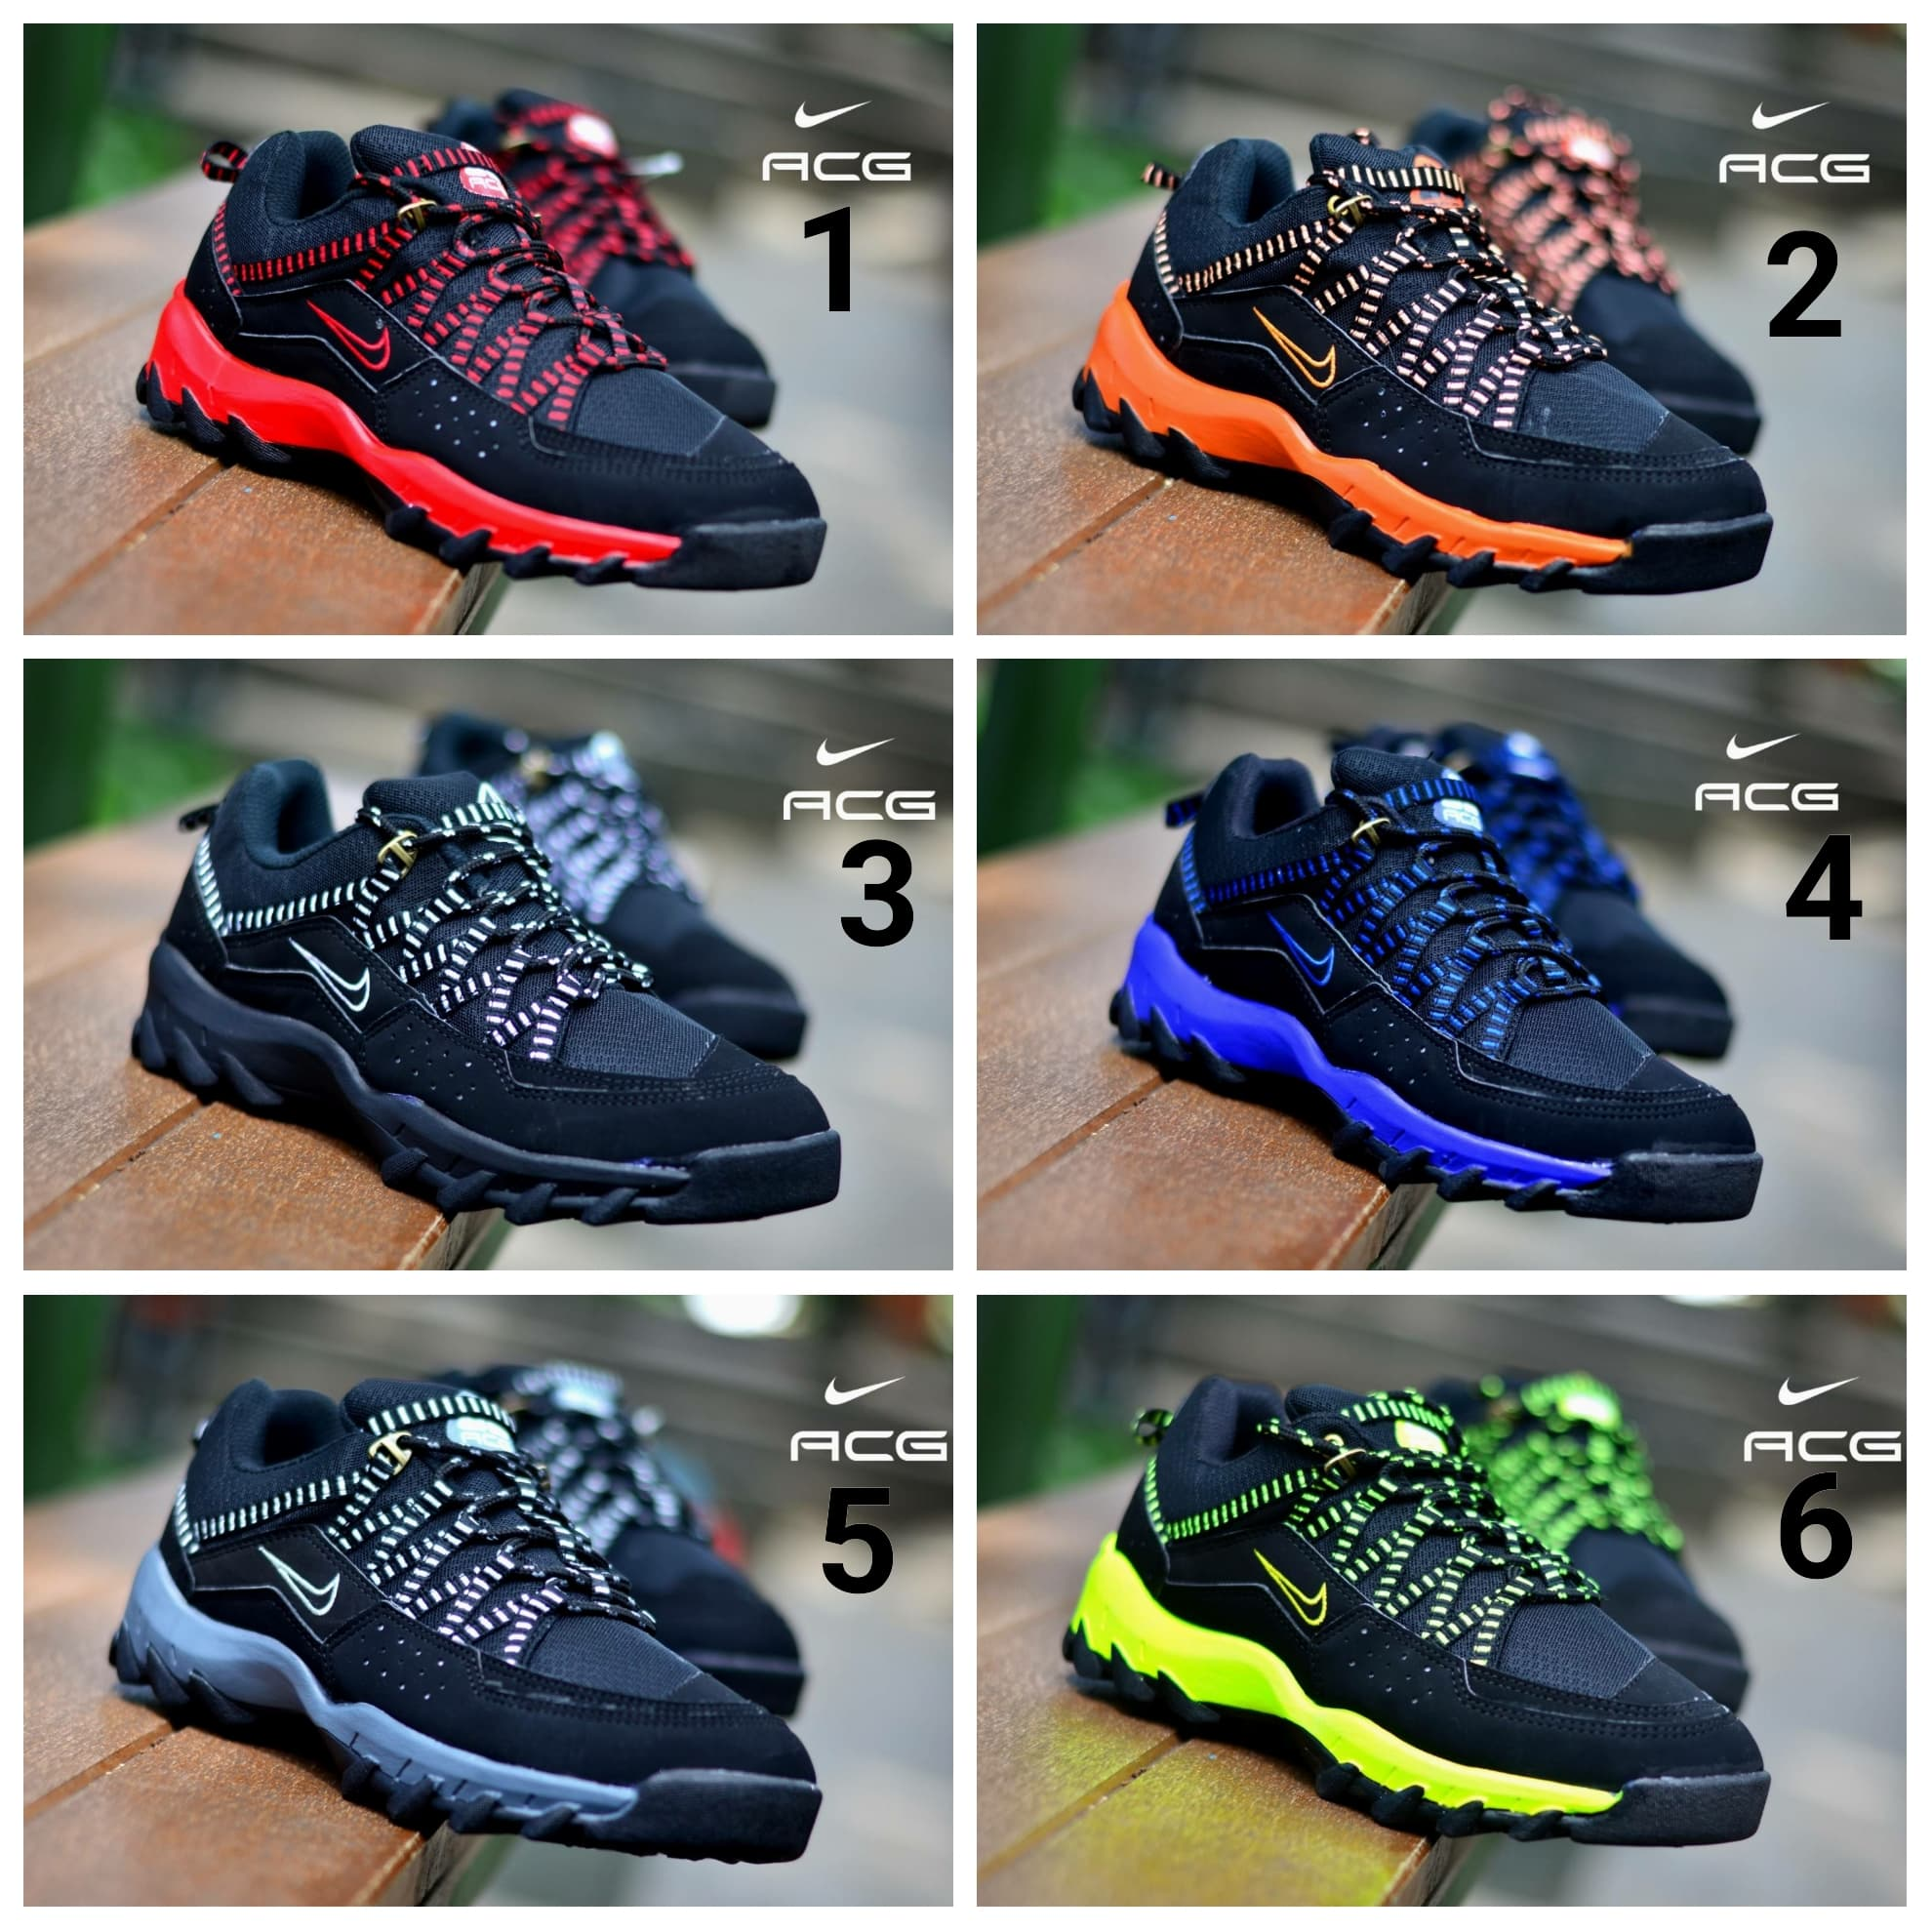 Jual sepatu terbaru sepatu sneakers pria nike acg jpg 1980x1980 Sepatu  terbaru 2019 43fd6171d1